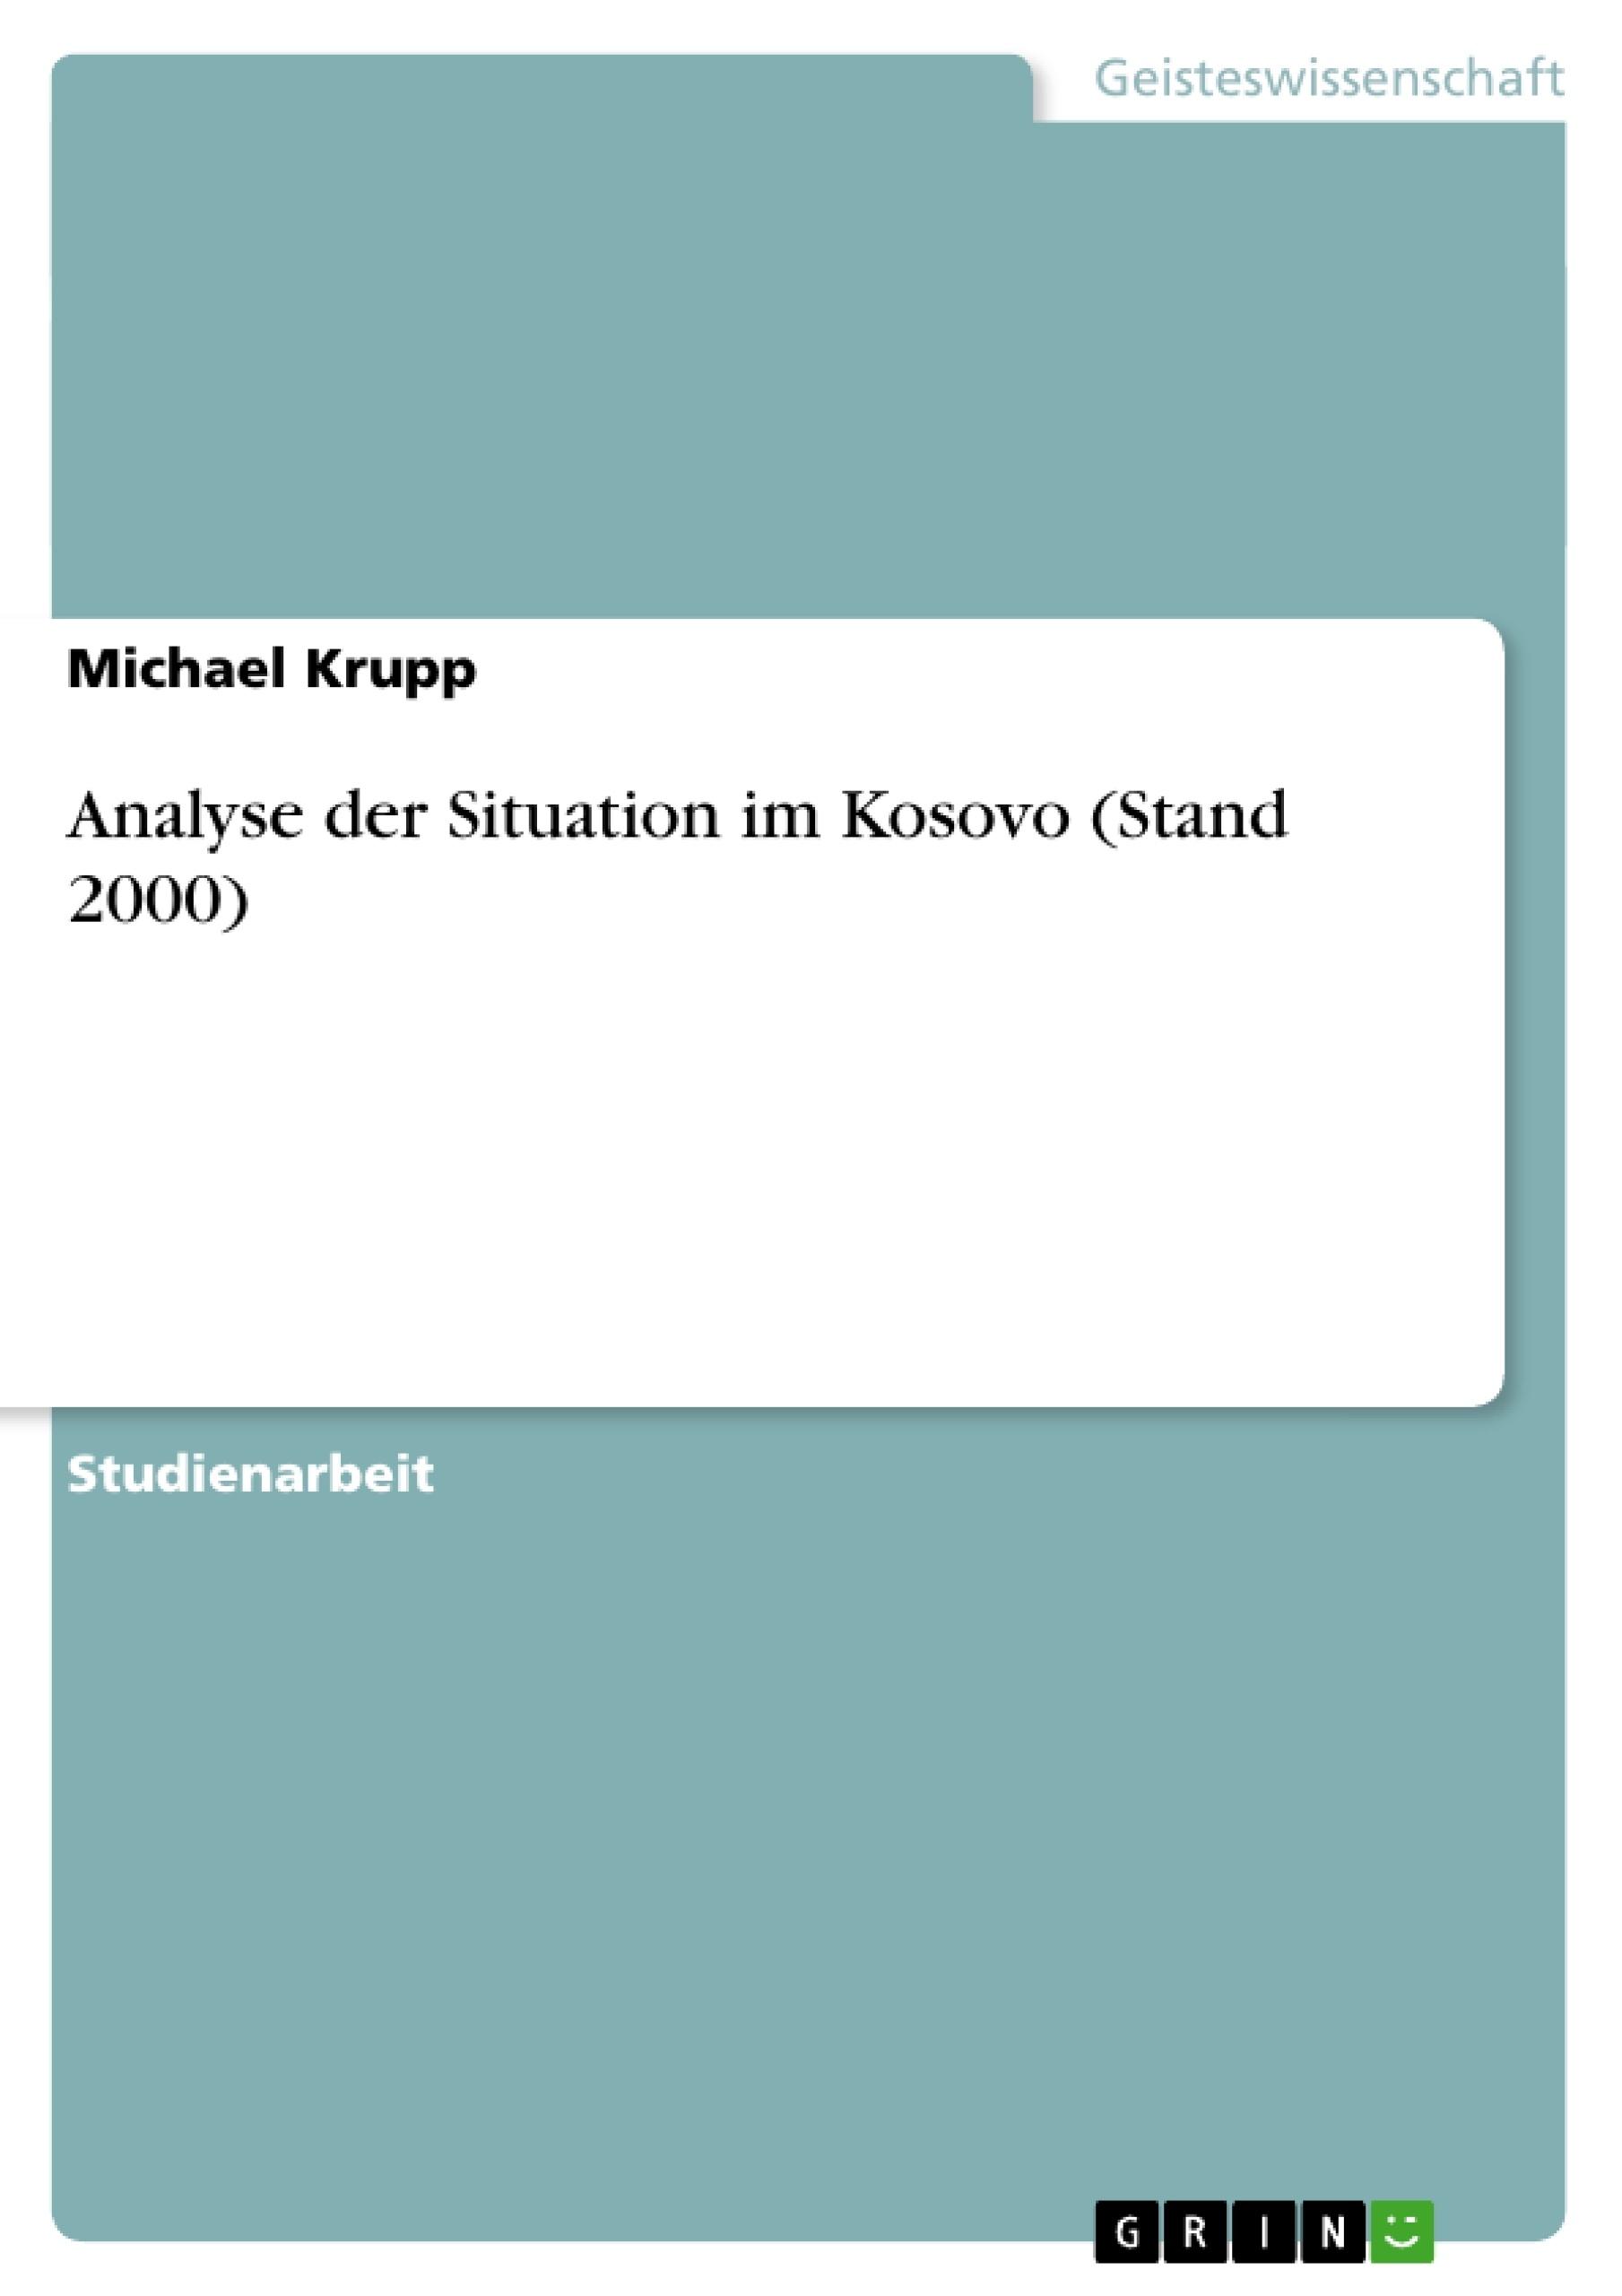 Titel: Analyse der Situation im Kosovo (Stand 2000)